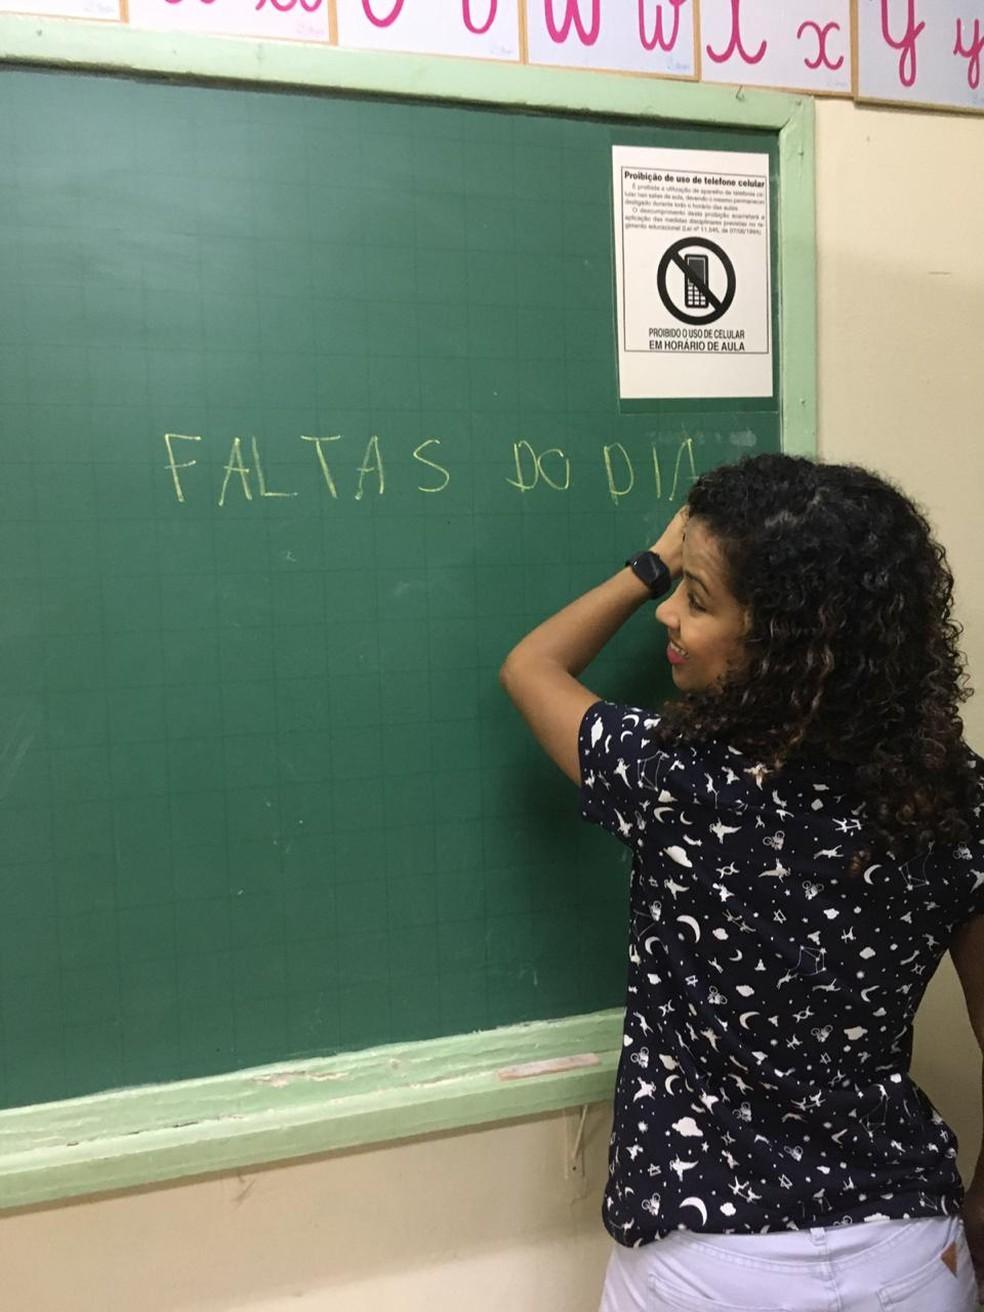 Lara criou uma  forma de fazer chamada, onde os alunos ajudam ela a identificar quem faltou.  — Foto: Acervo pessoal/Lucimara Rodrigues